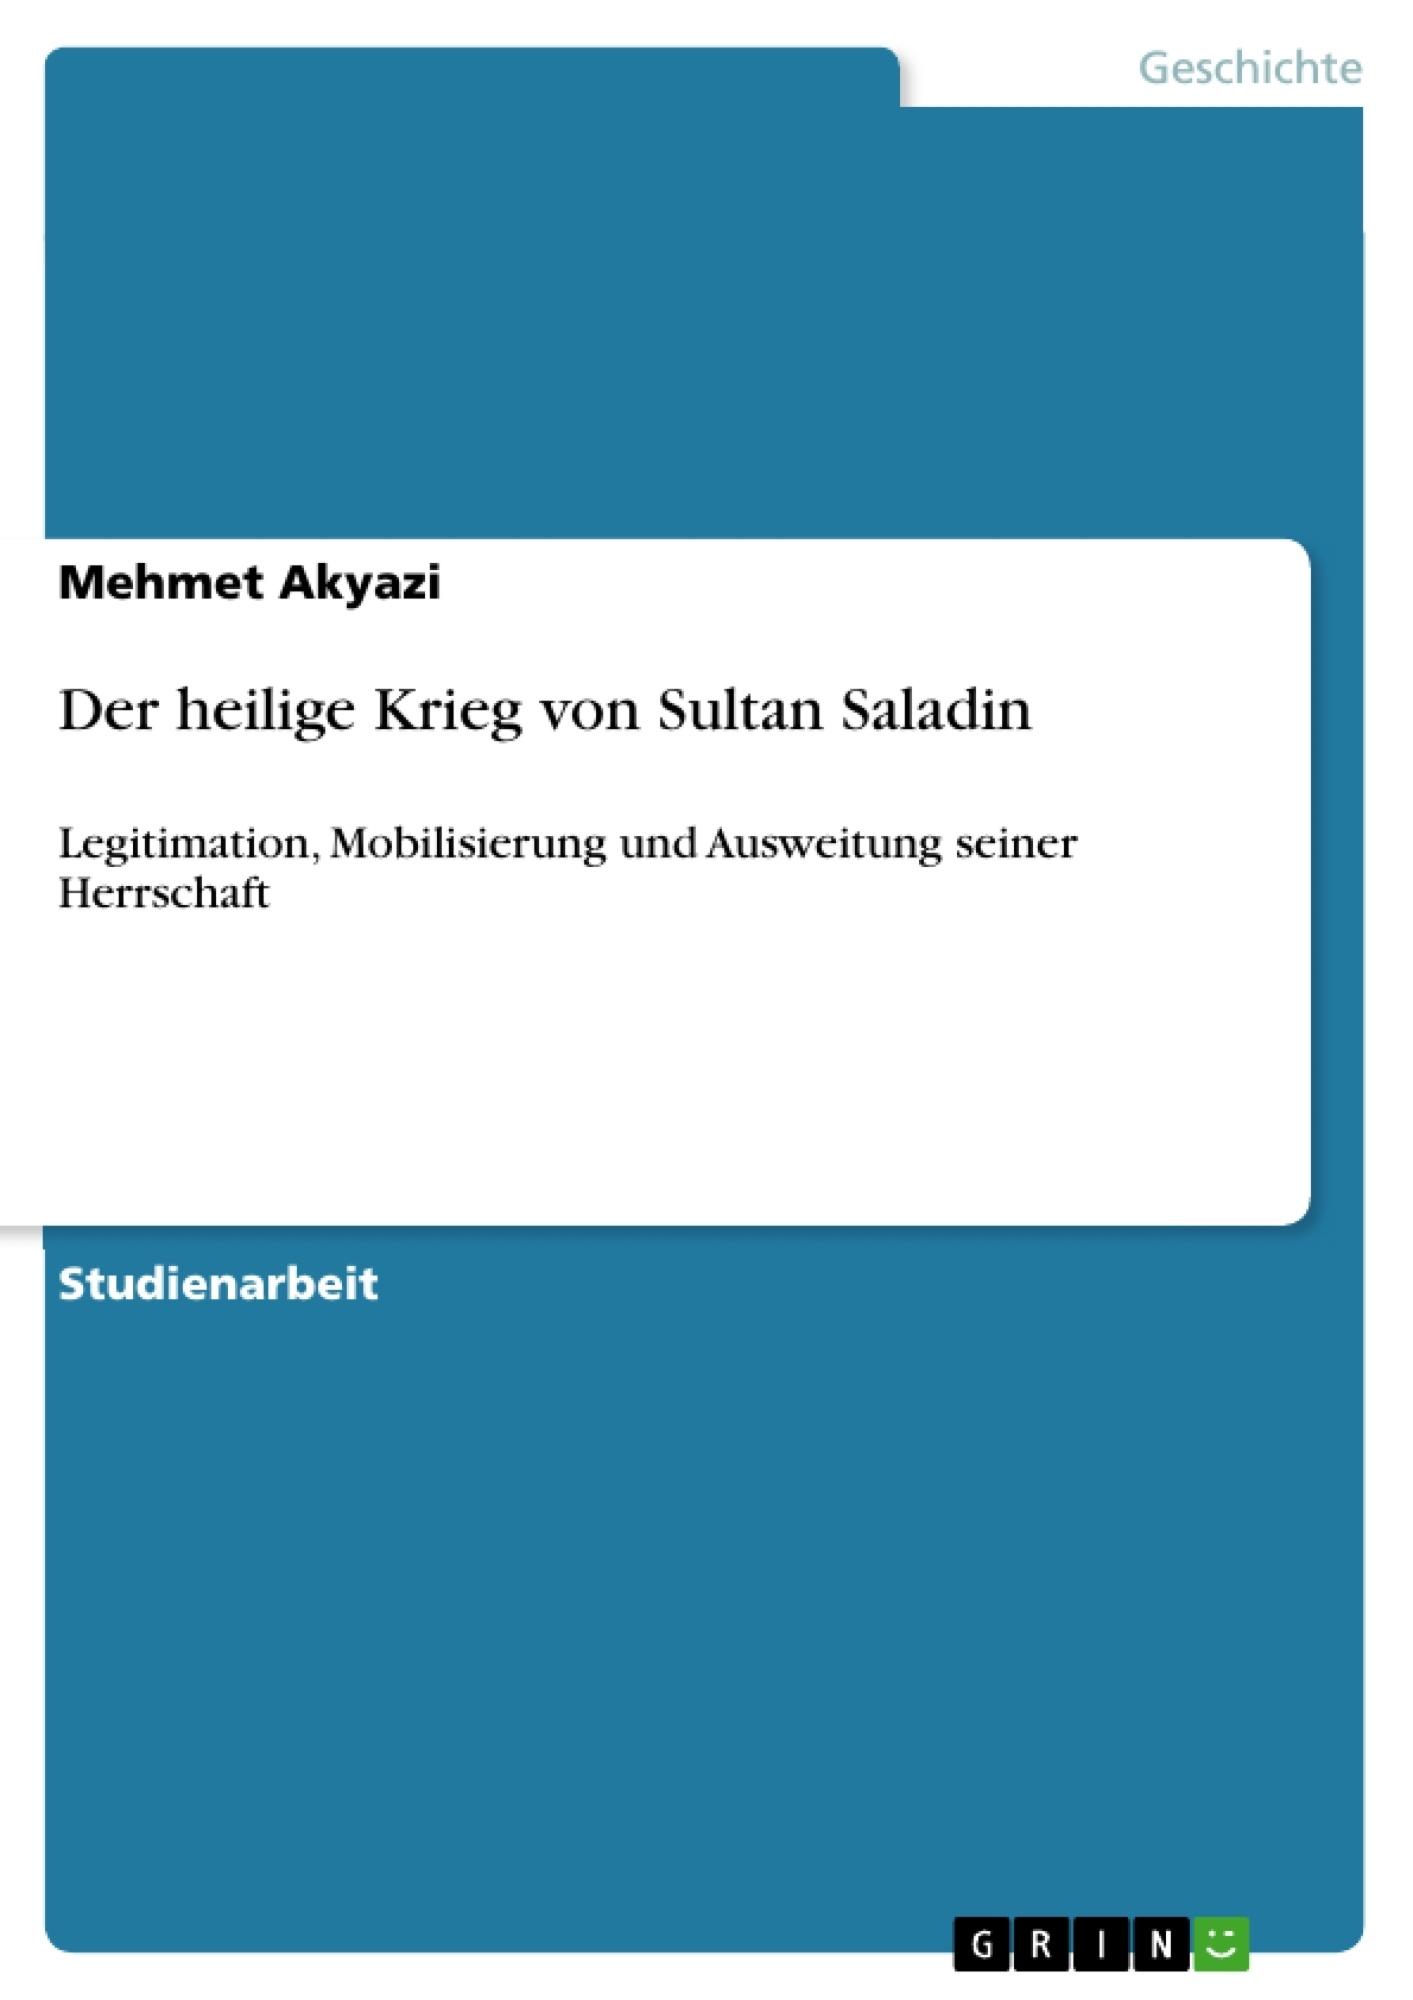 Titel: Der heilige Krieg von Sultan Saladin